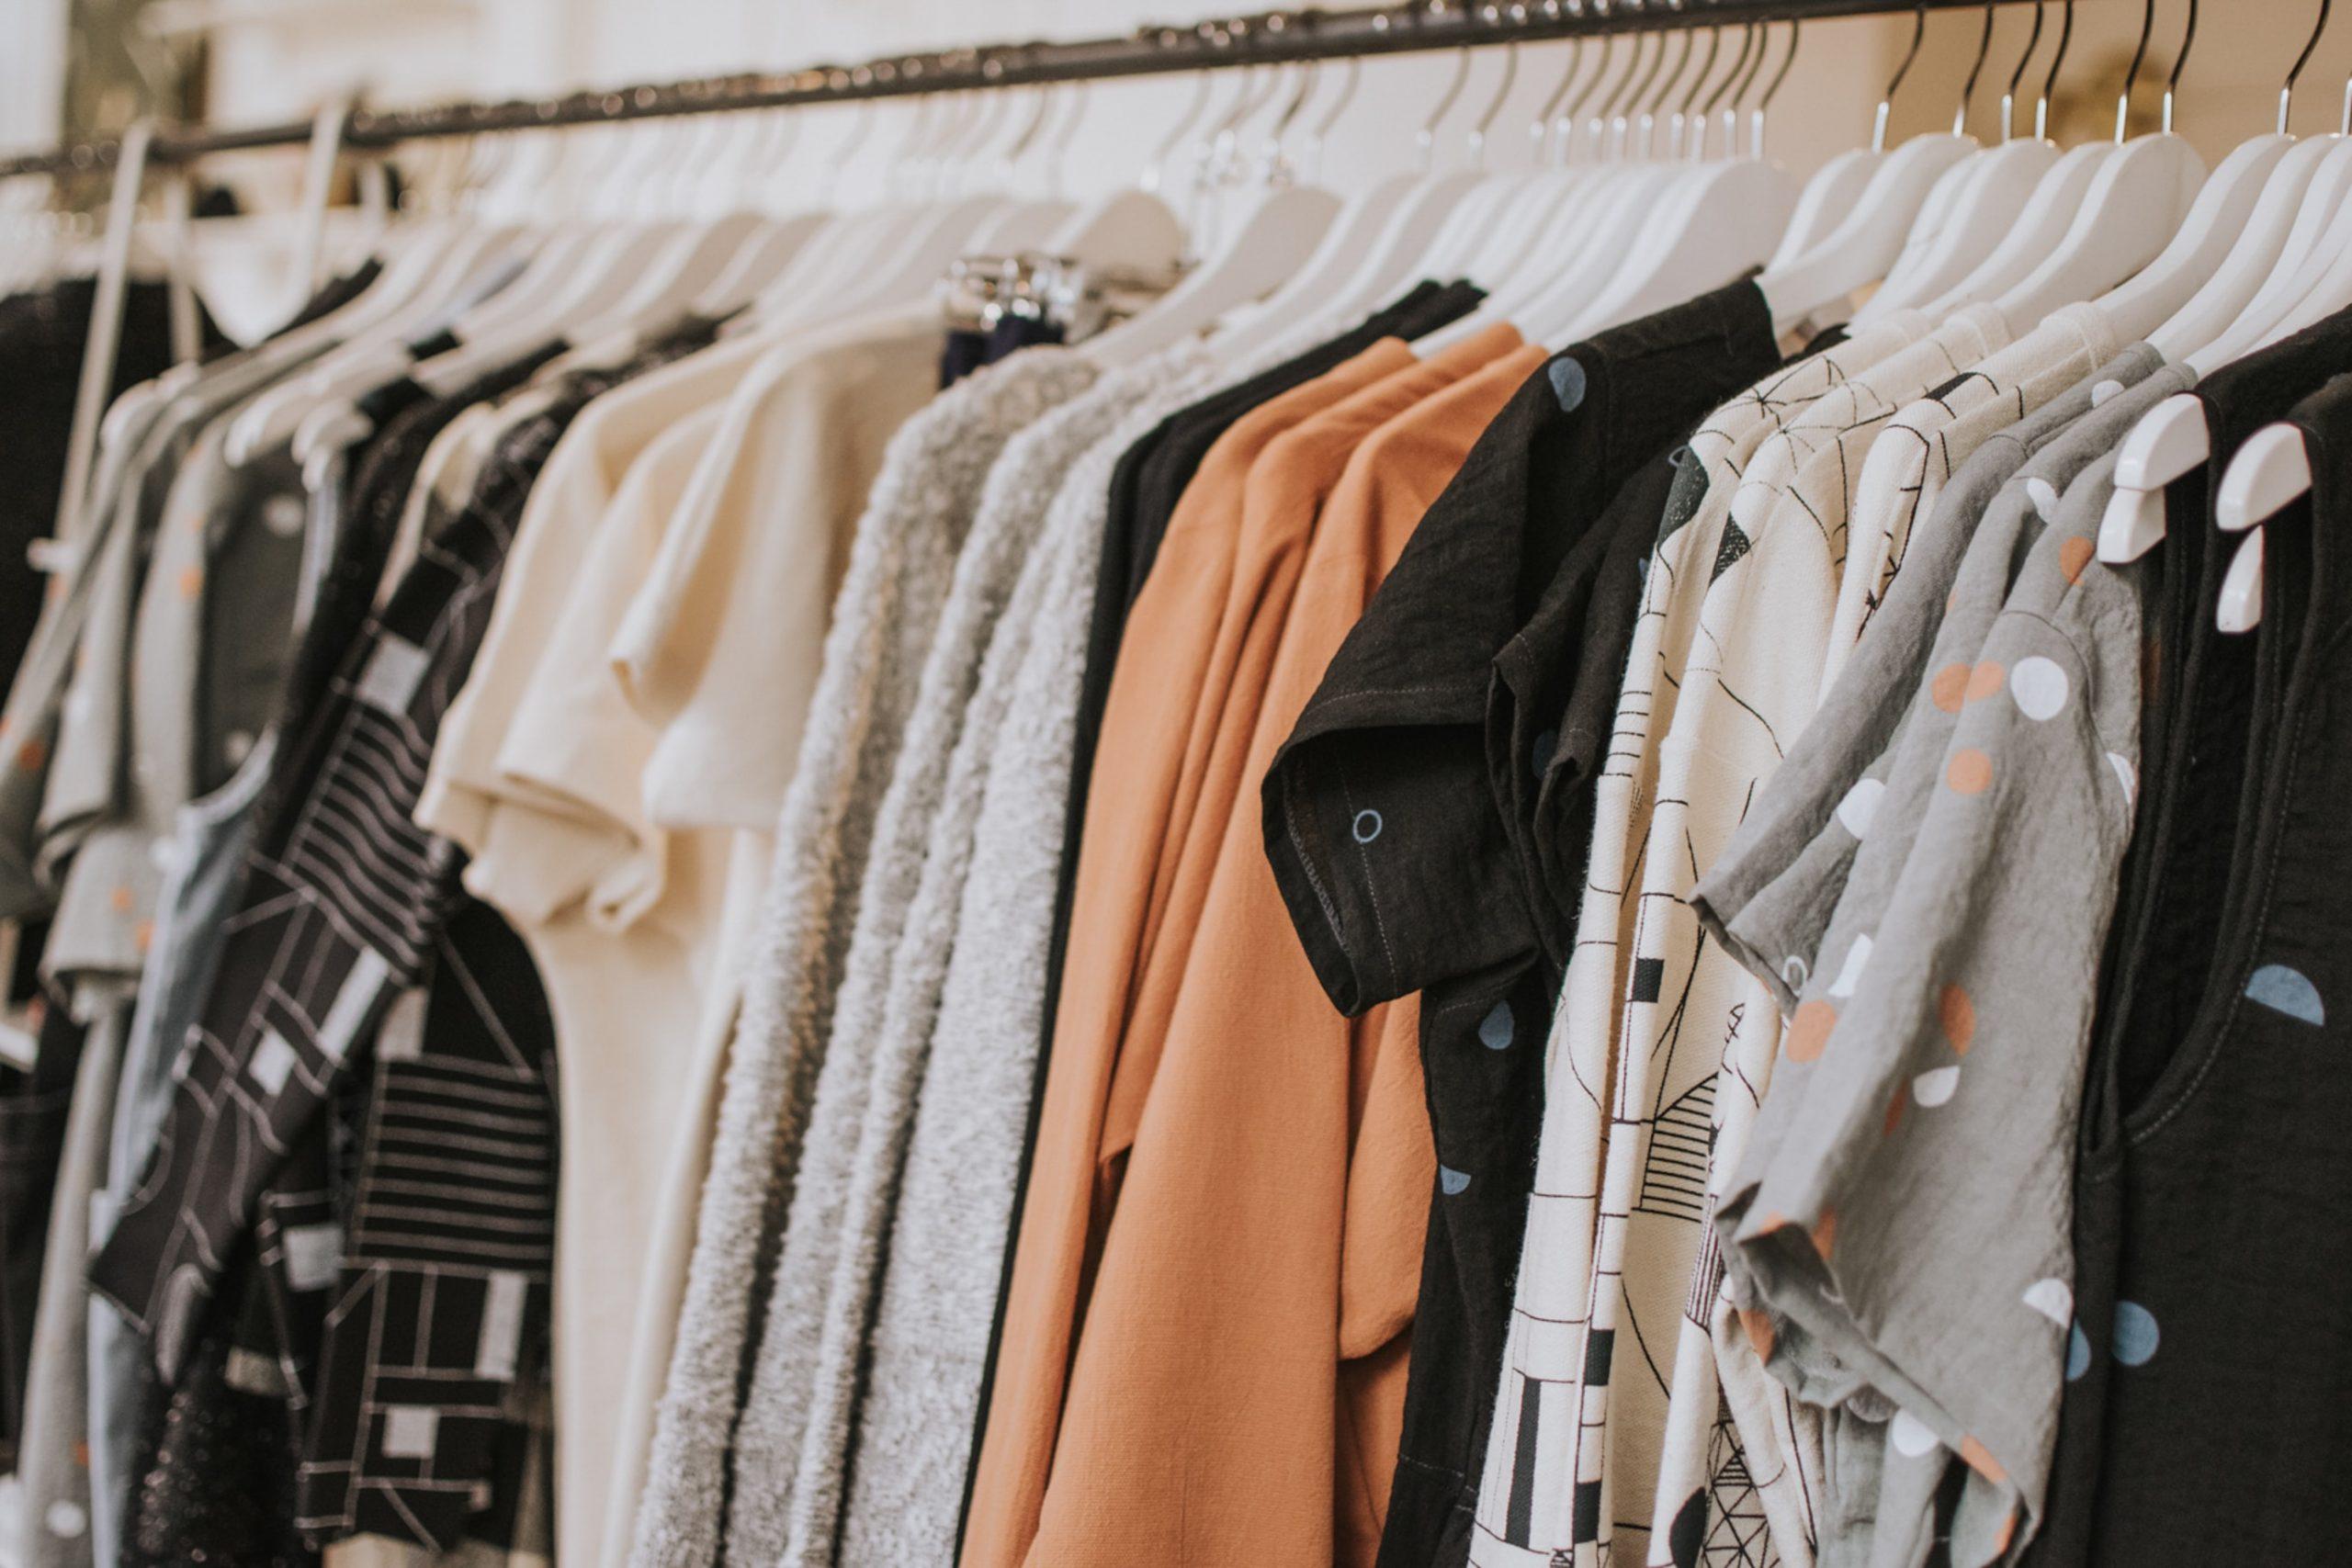 Πώς να πλύνεις σωστά τα ρούχα σου ώστε να προστατευτείς από τον κορονοϊό